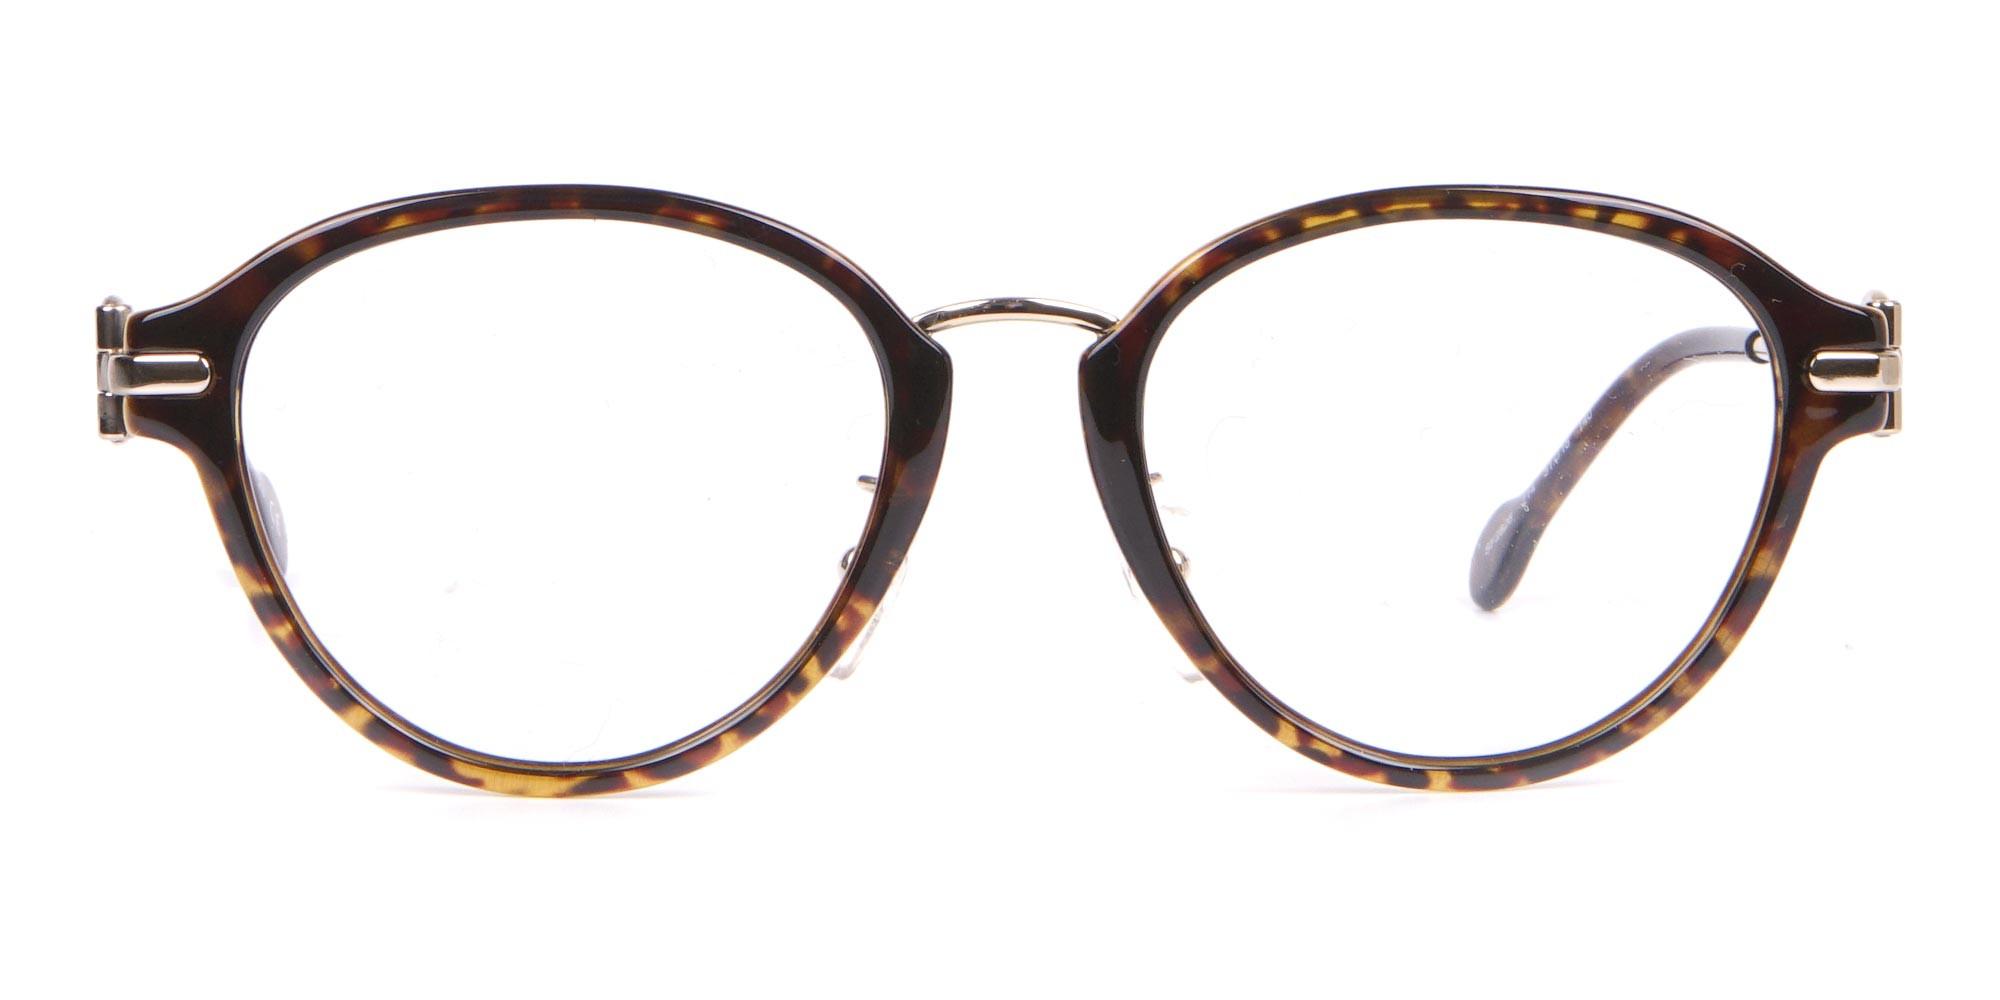 Salvatore Ferragamo SF2826 Women Round Glasses Tortoiseshell-1